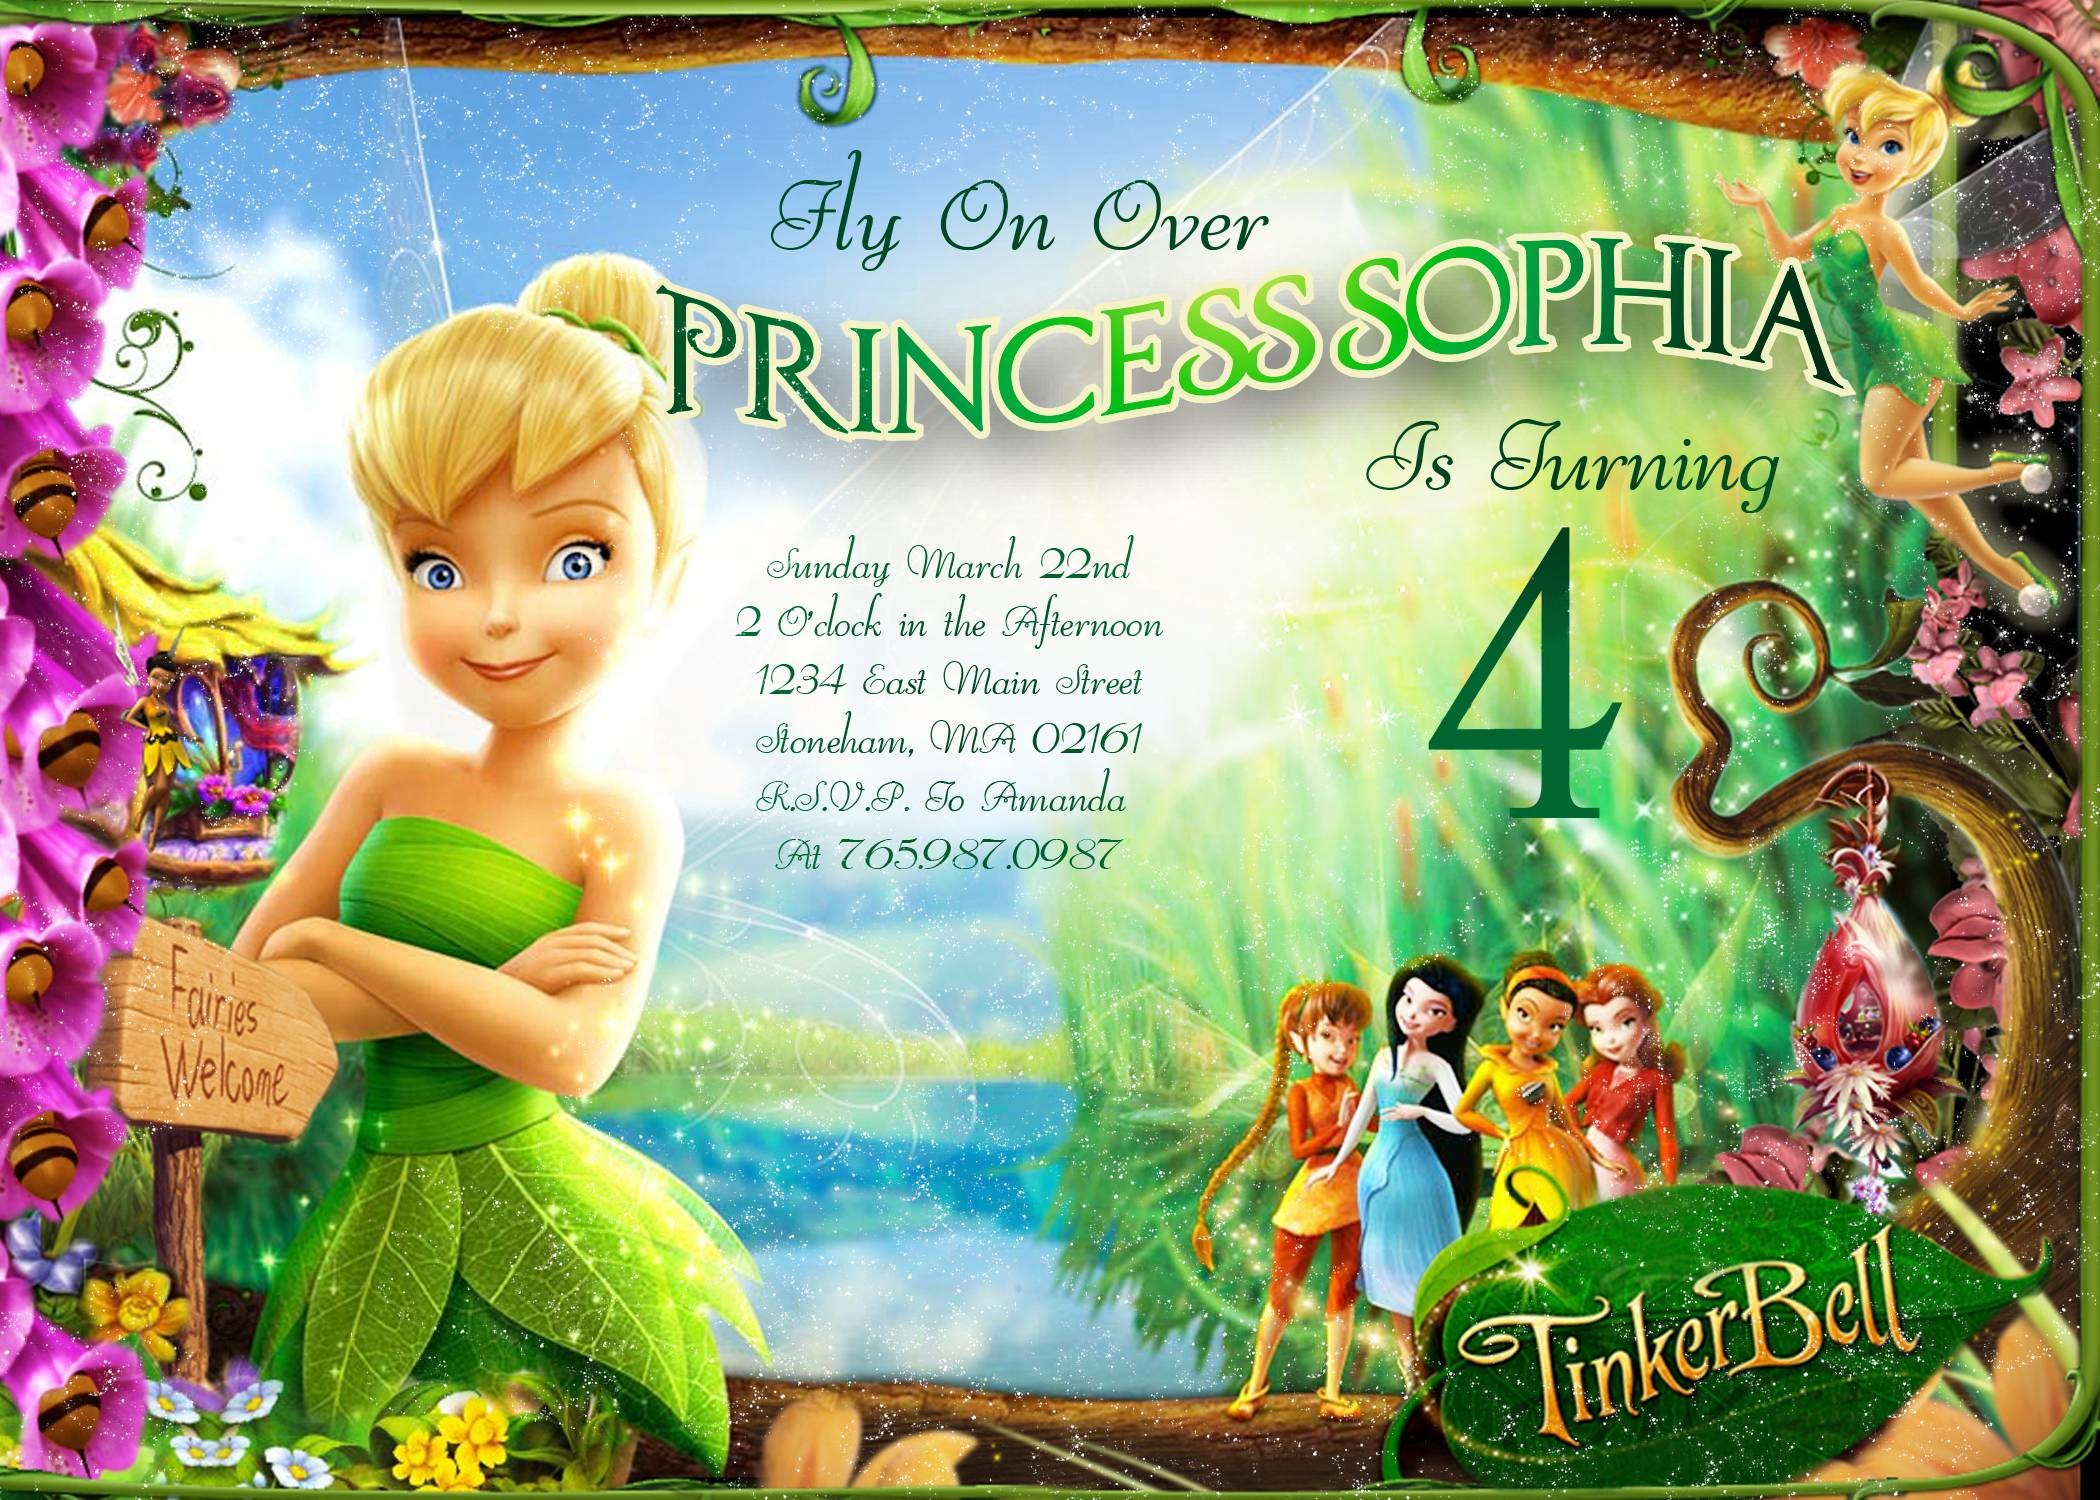 Disney Fairies Tinkerbell Wallpaper - Disney Fairies Wallpaper - Fanpop